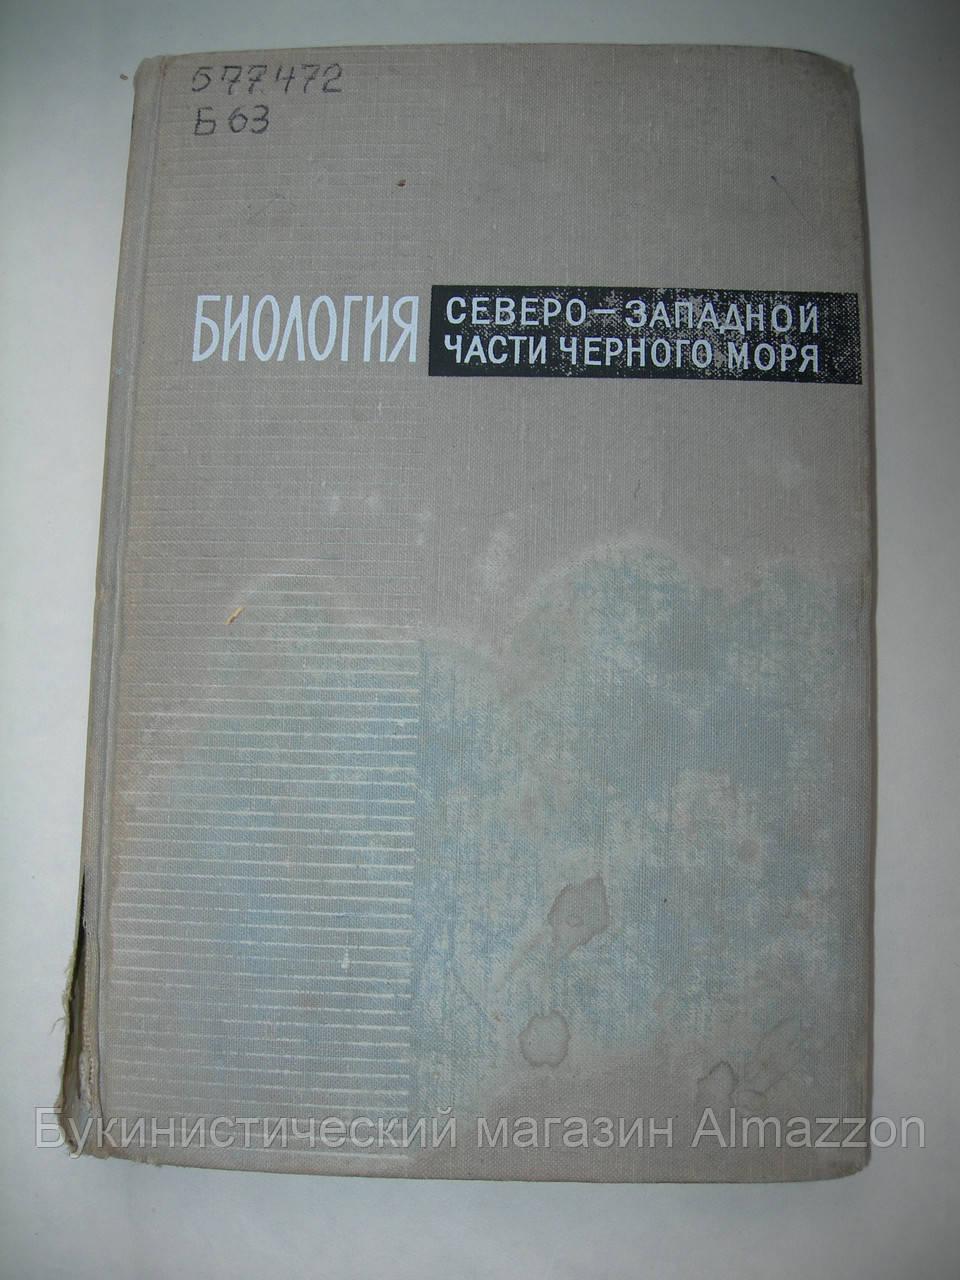 Біологія Північно-Західної частини Чорного моря